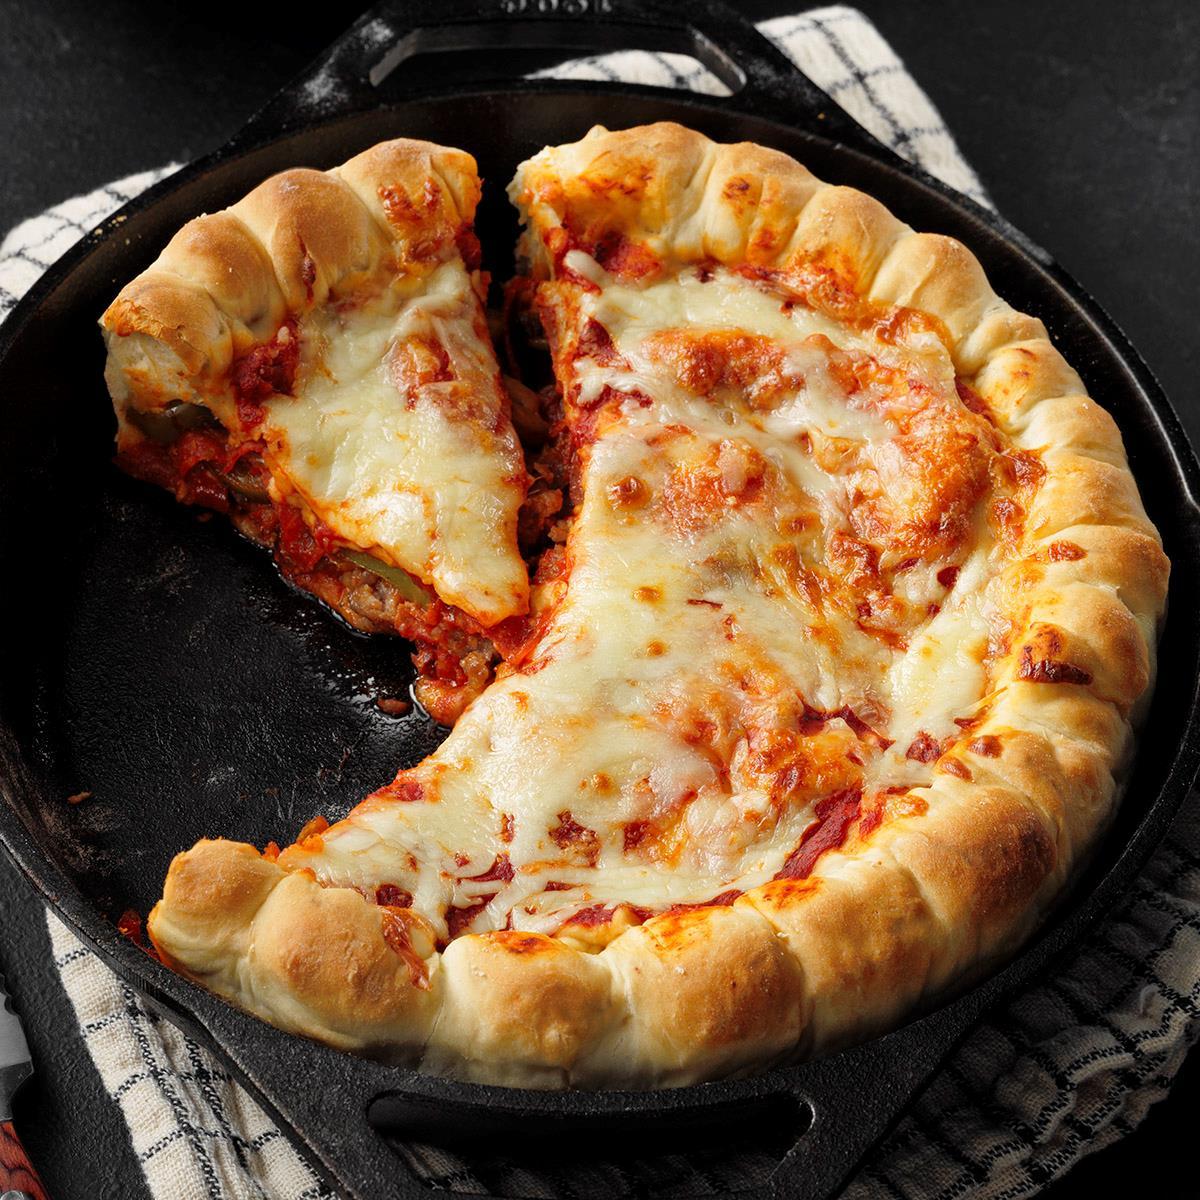 غذاي ملل/ روش تهيه پيتزا پاي خوشمزه و حرفهاي